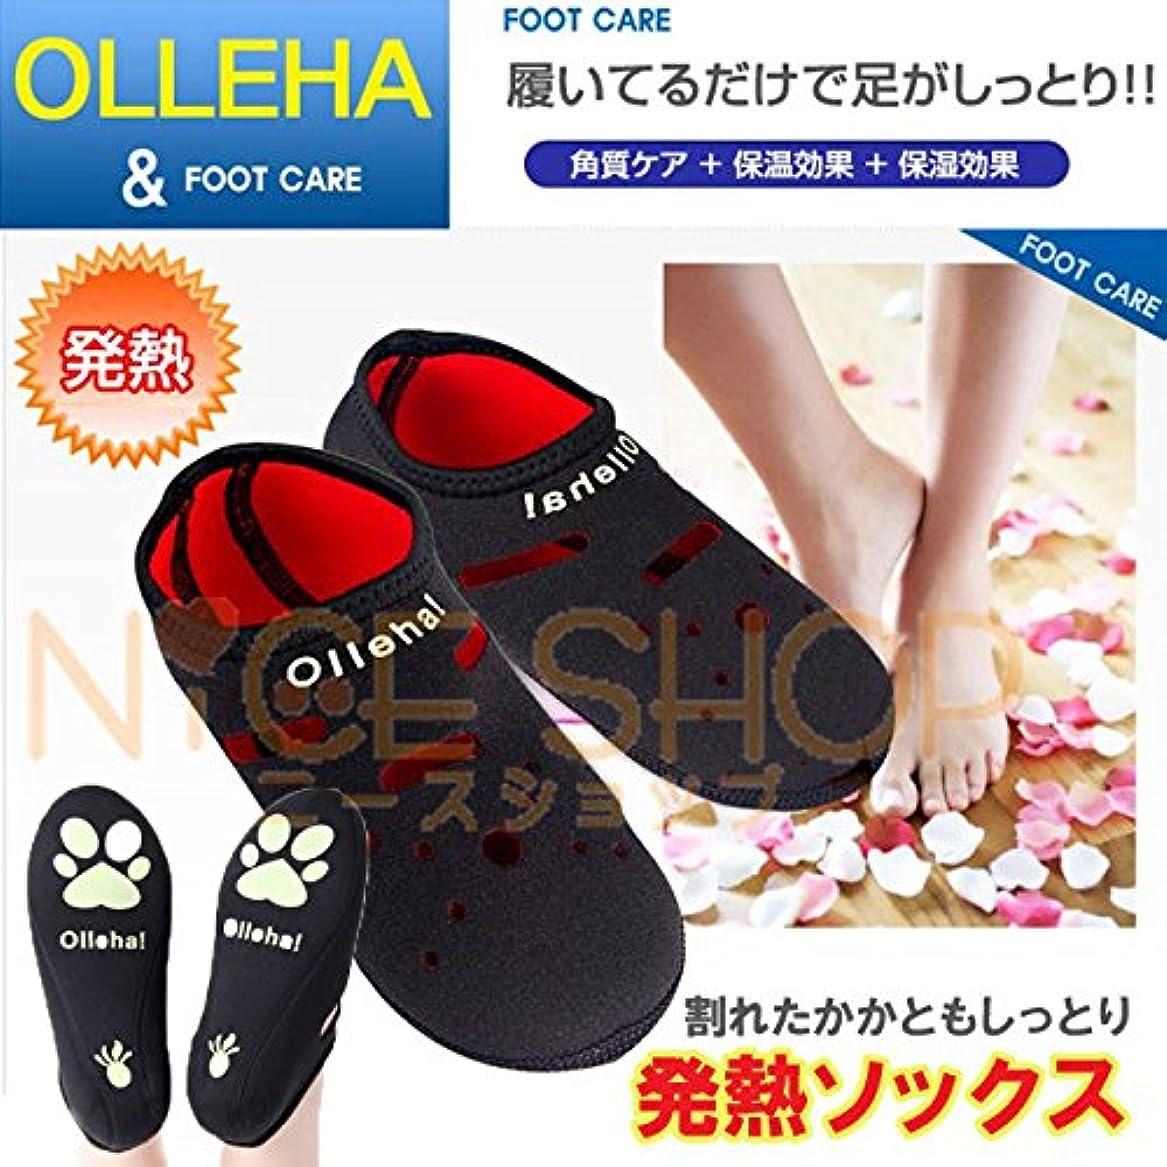 資本主義折エアコン発熱靴下(足袋)発熱ソックス、フットケアー Olleha! (S(22.0~23.0))